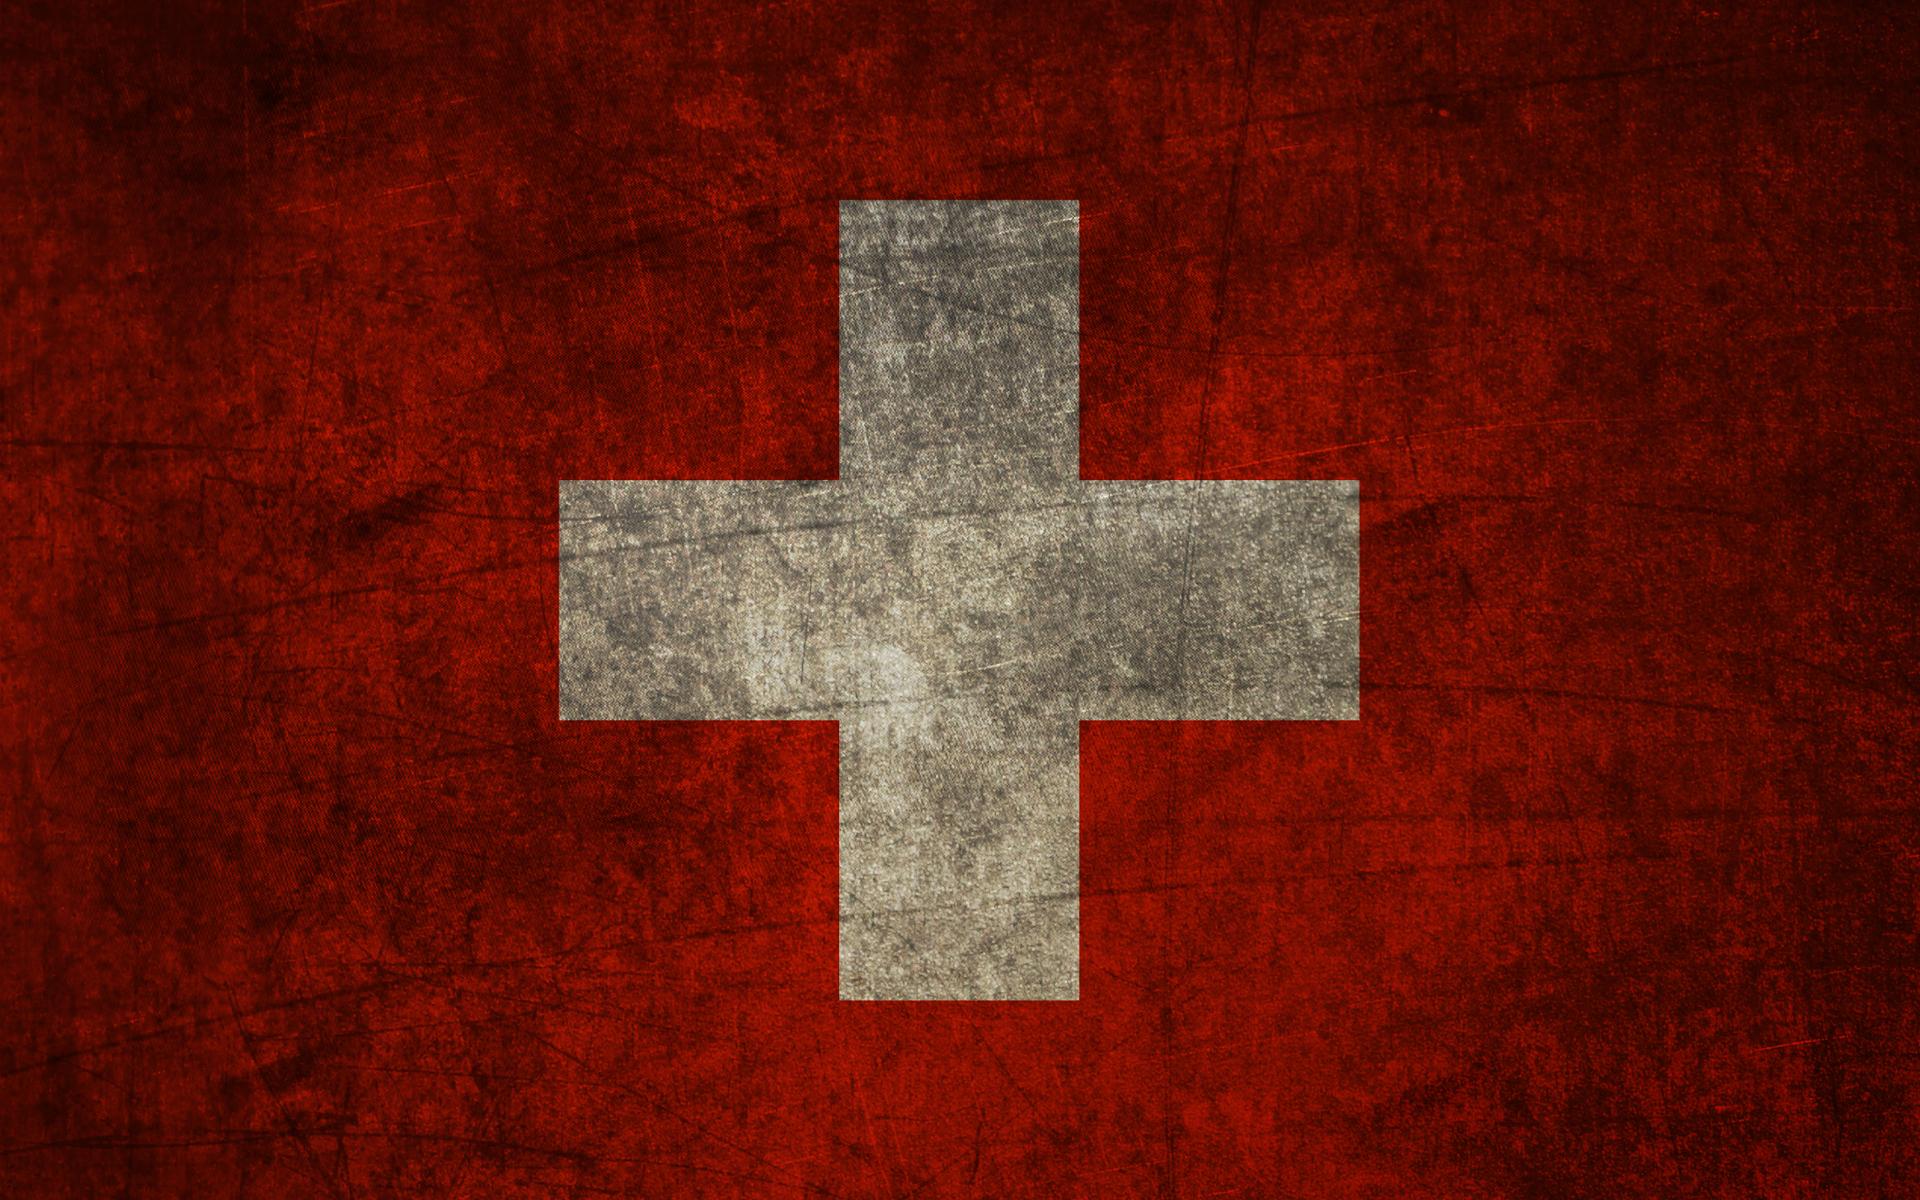 lavoro in svizzera 45 assunzioni nel settore informatico